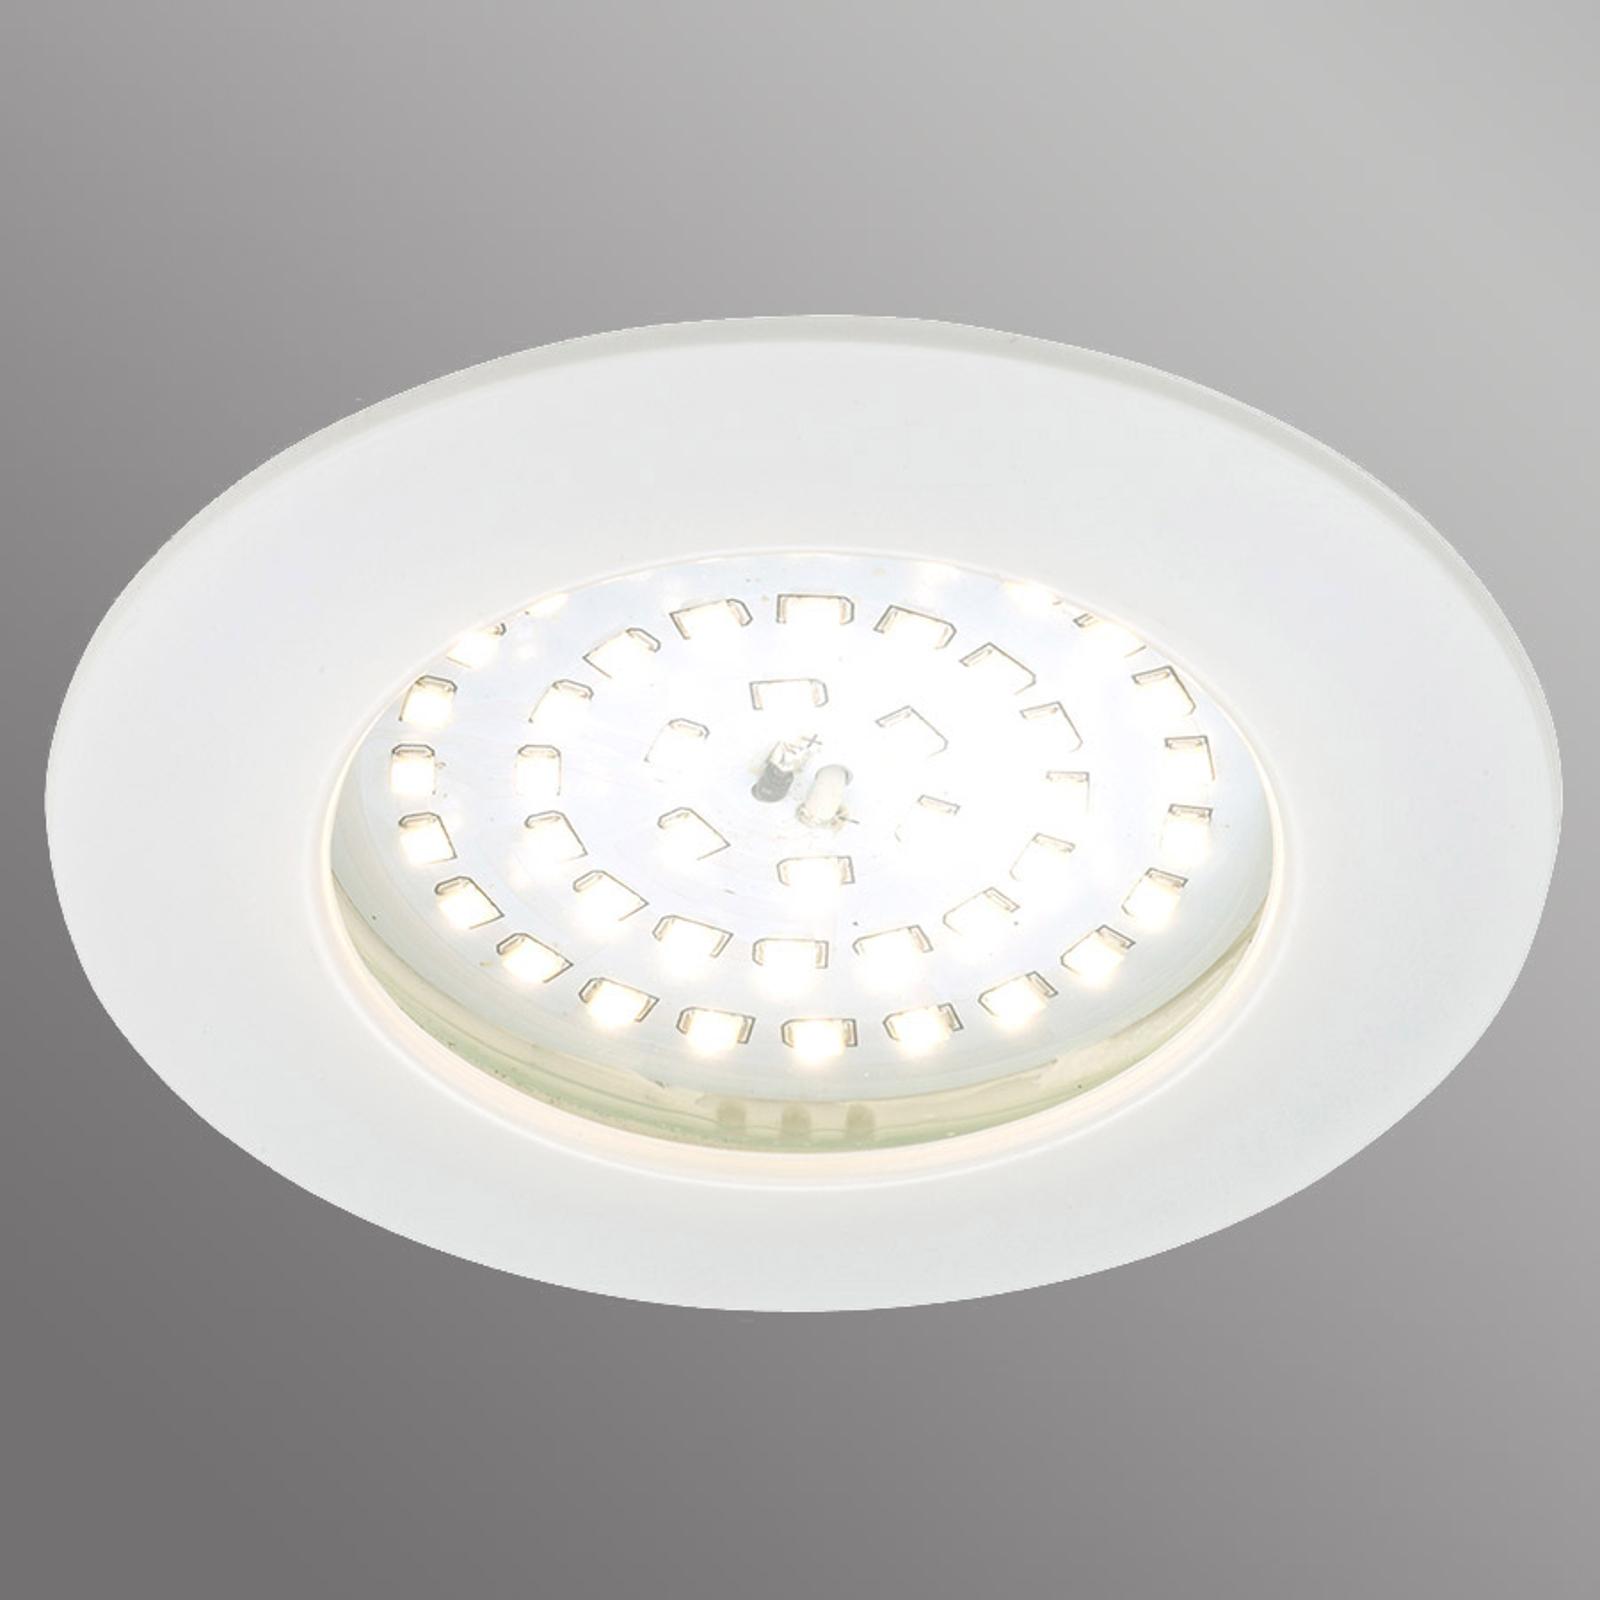 Biele zapustené LED svetlo Carl vonkajšie_1510338_1